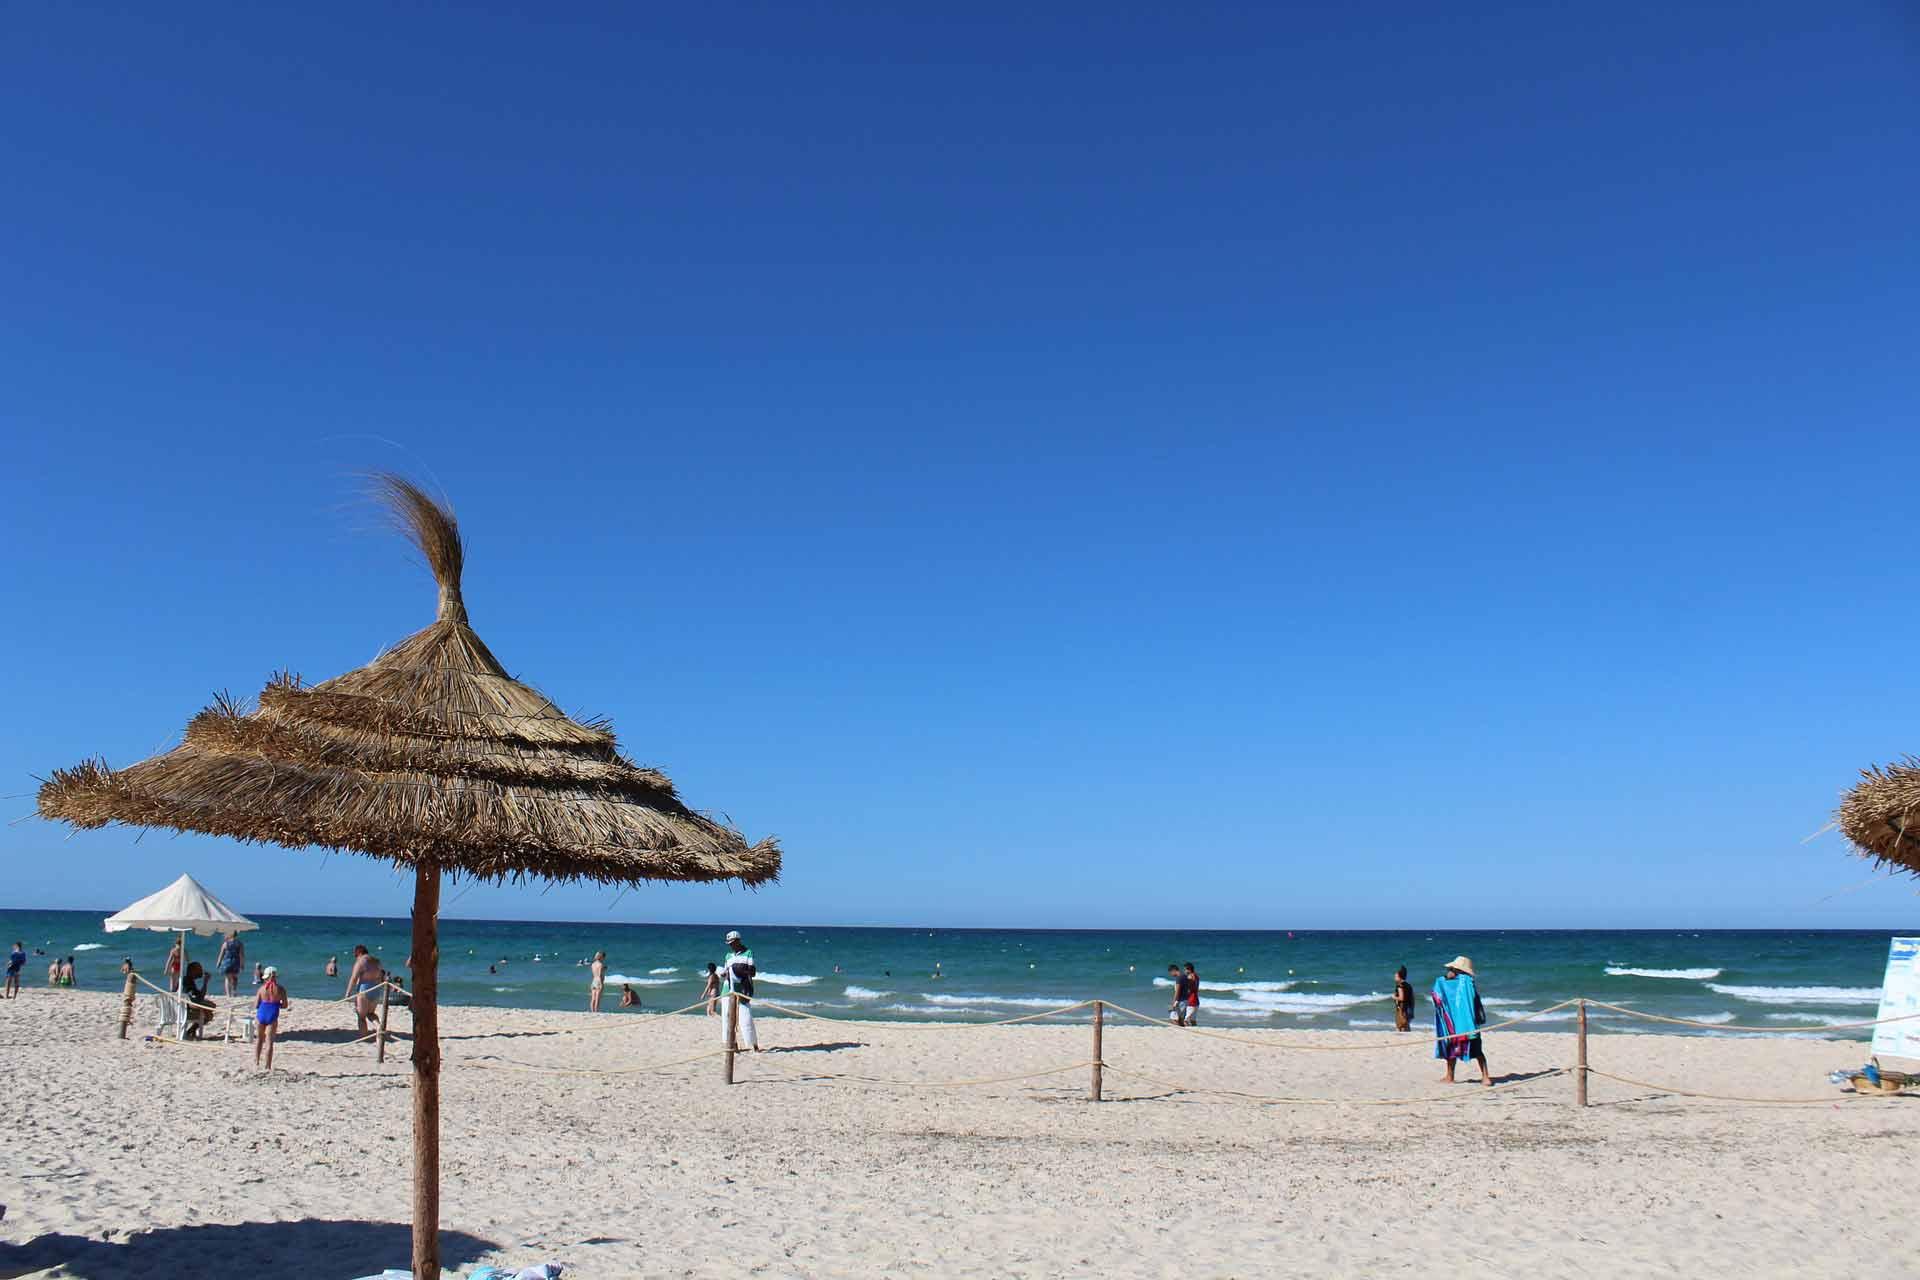 Séjour en Tunisie : 7 Jours dès 245€ en Hôtel 4* Tout Compris, Piscine et Vol de Lyon